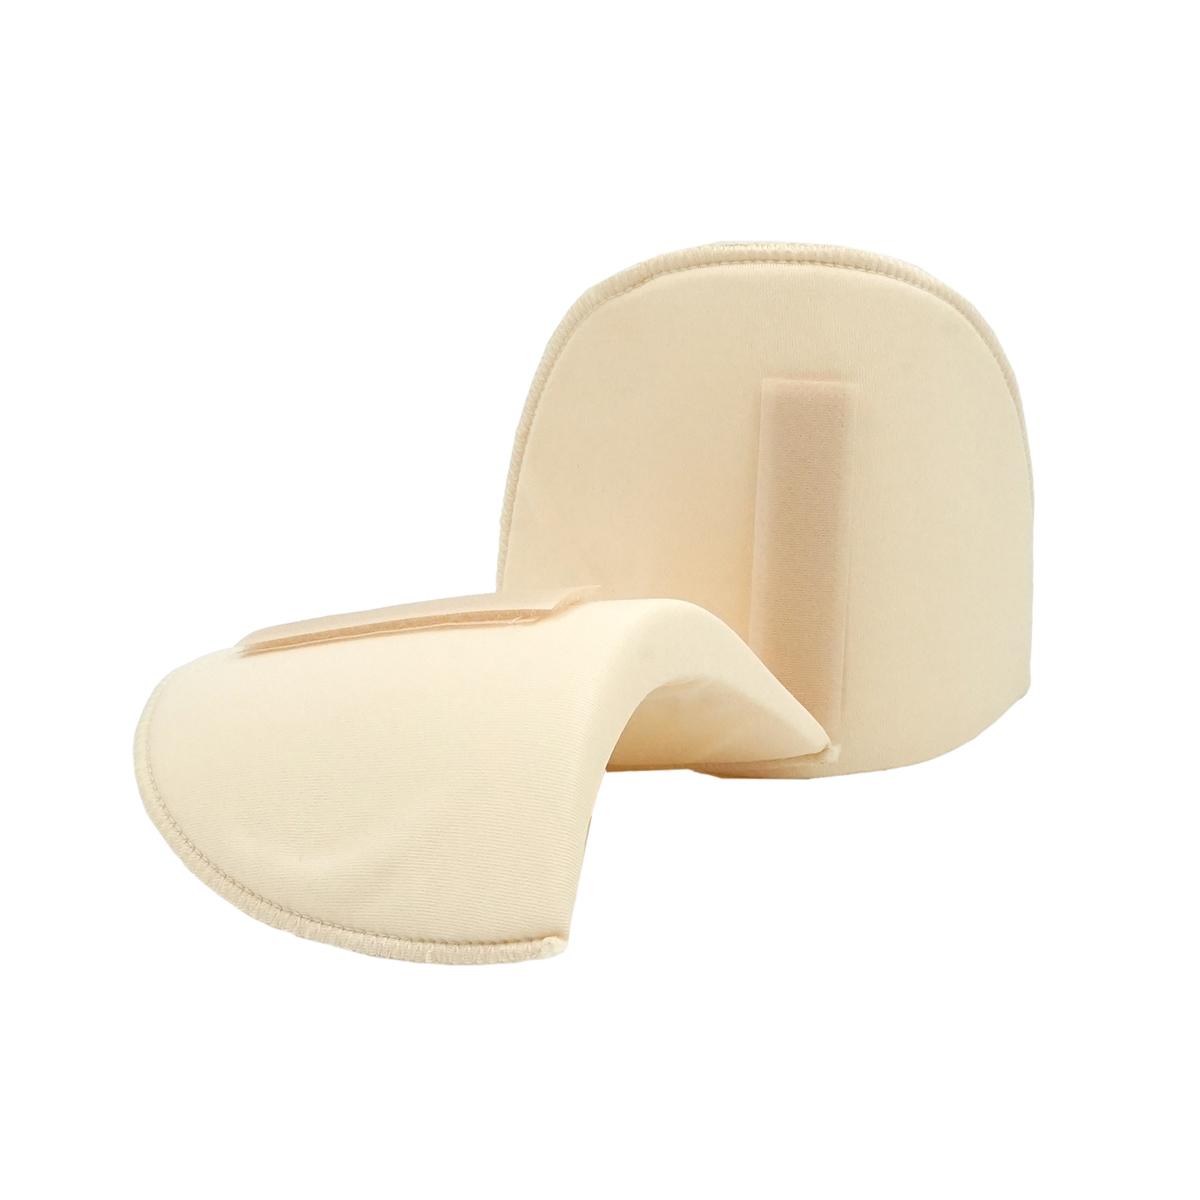 993816 Плечевые накладки с липучкой (M-L), полумесяц, бежевый, 160*115*15 мм, упак./5 пар, Prym